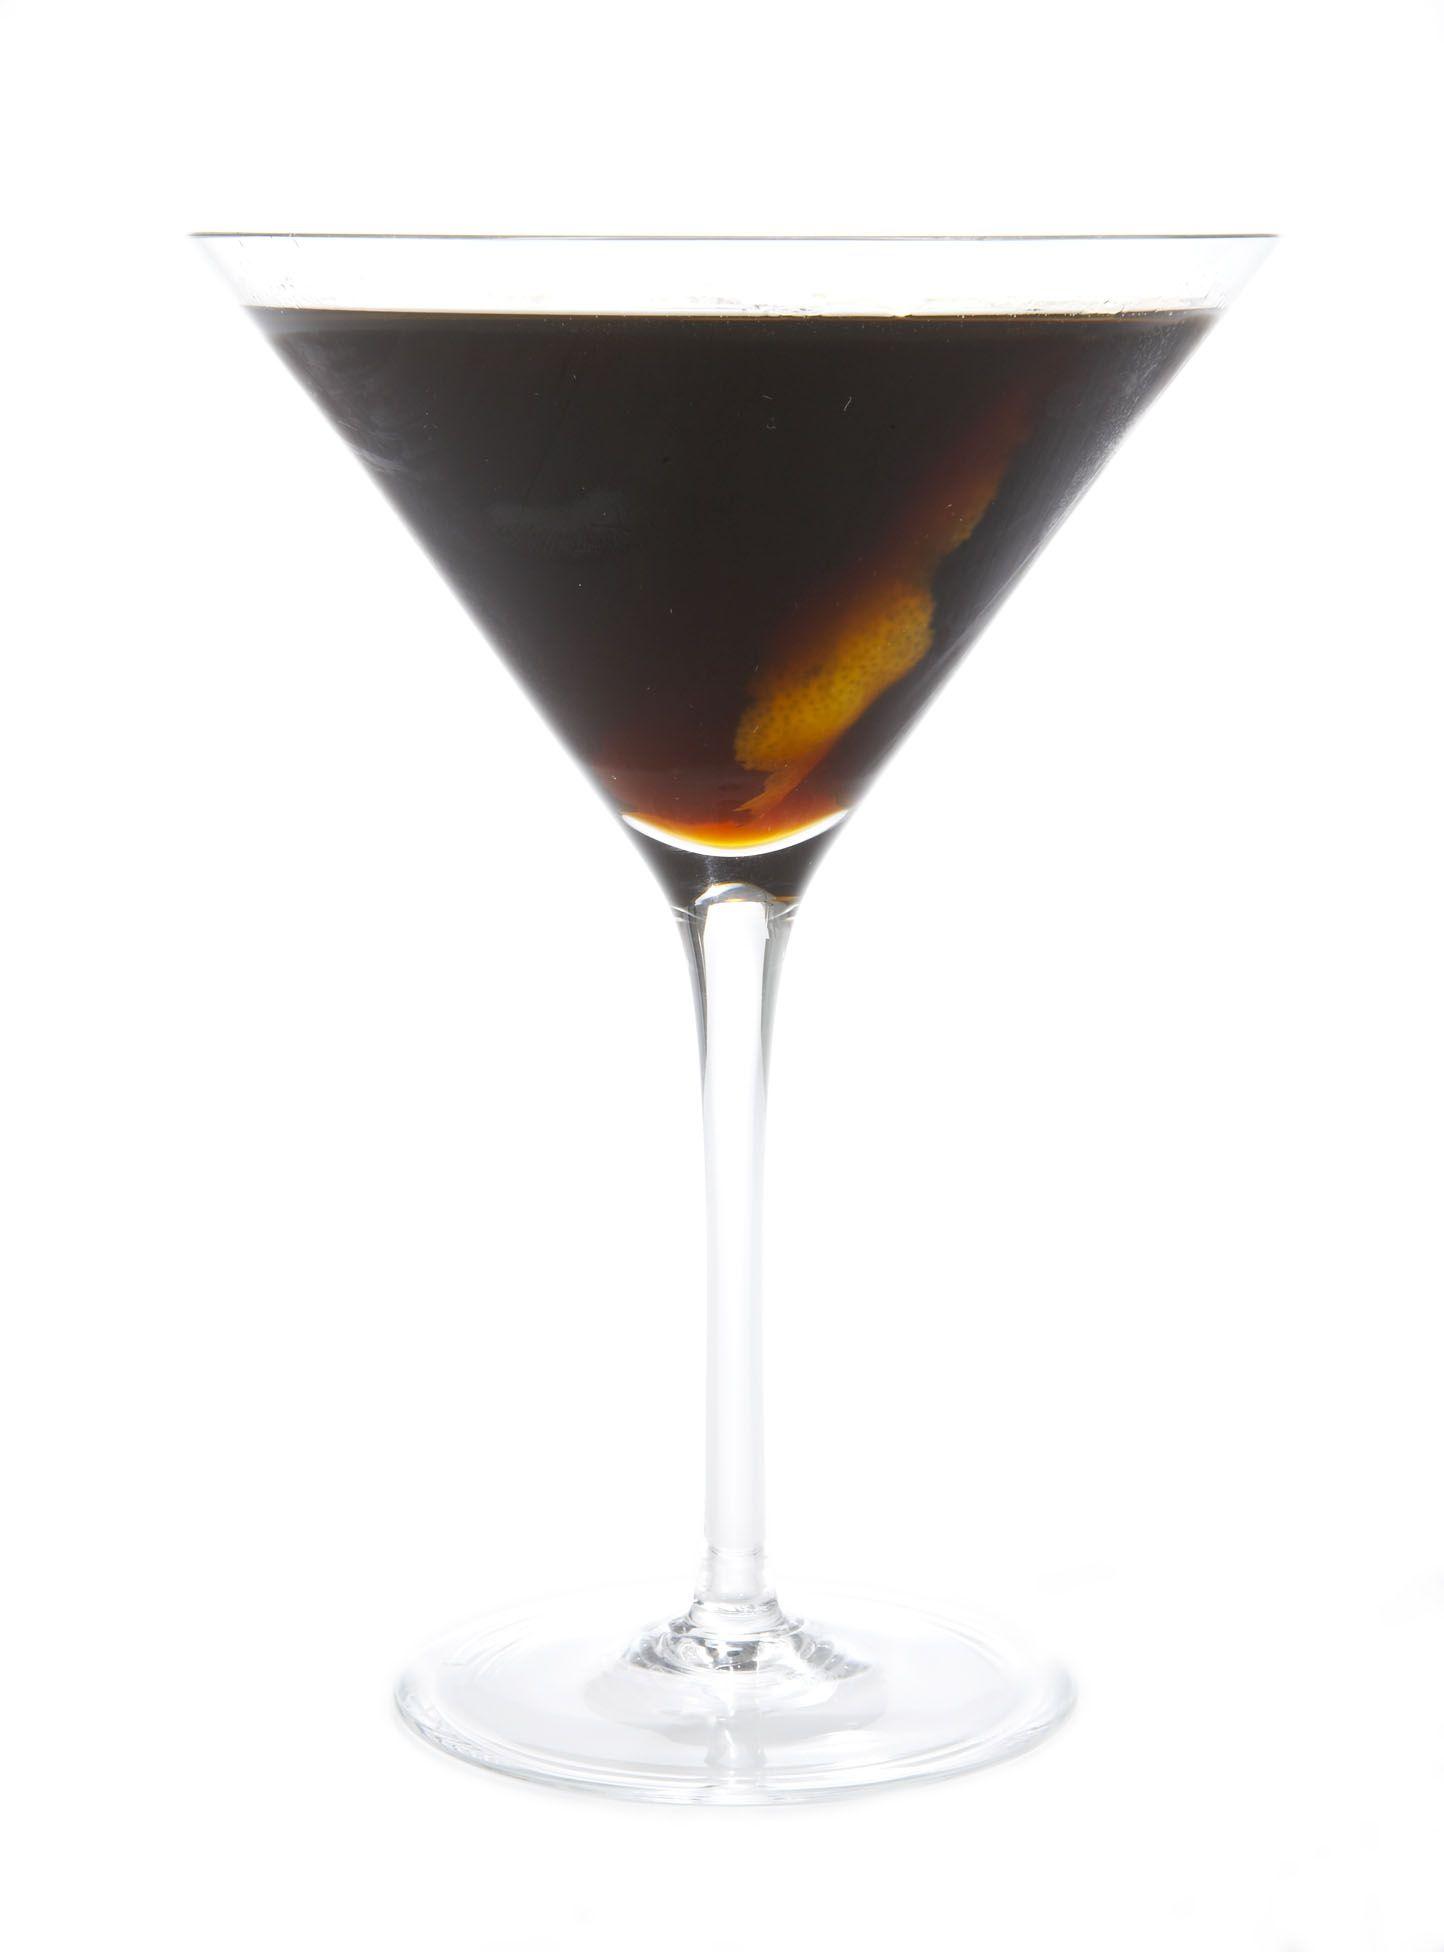 Coctel de Café - Ingredientes para 4 personas: 4 copas de Cointreau, 1 yema de huevo y 2 copas de whisky.Preparación: Mezclar en coctelera, la yema de huevo, el Cointreau y el Whisky. Preparar un café exprés para 4 personas, verter el café bien caliente en la coctelera, revolver y servir.